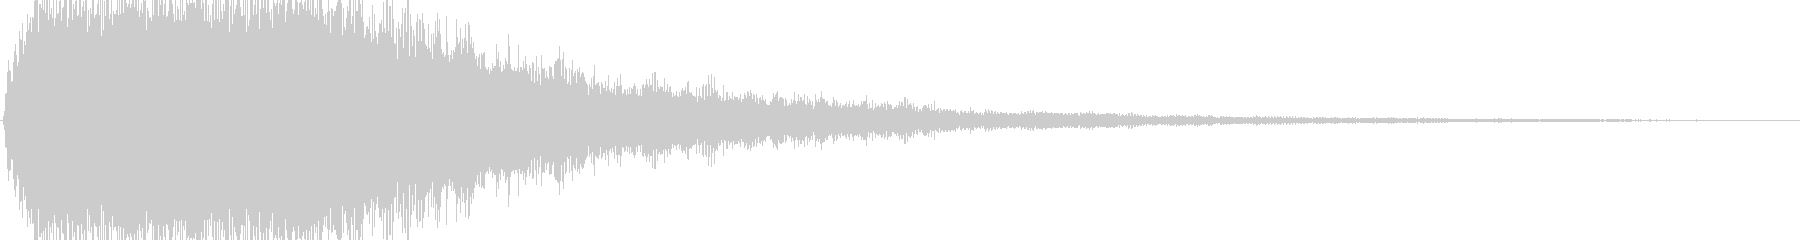 ゴーストの声と試合開始のゴング効果音の未再生の波形